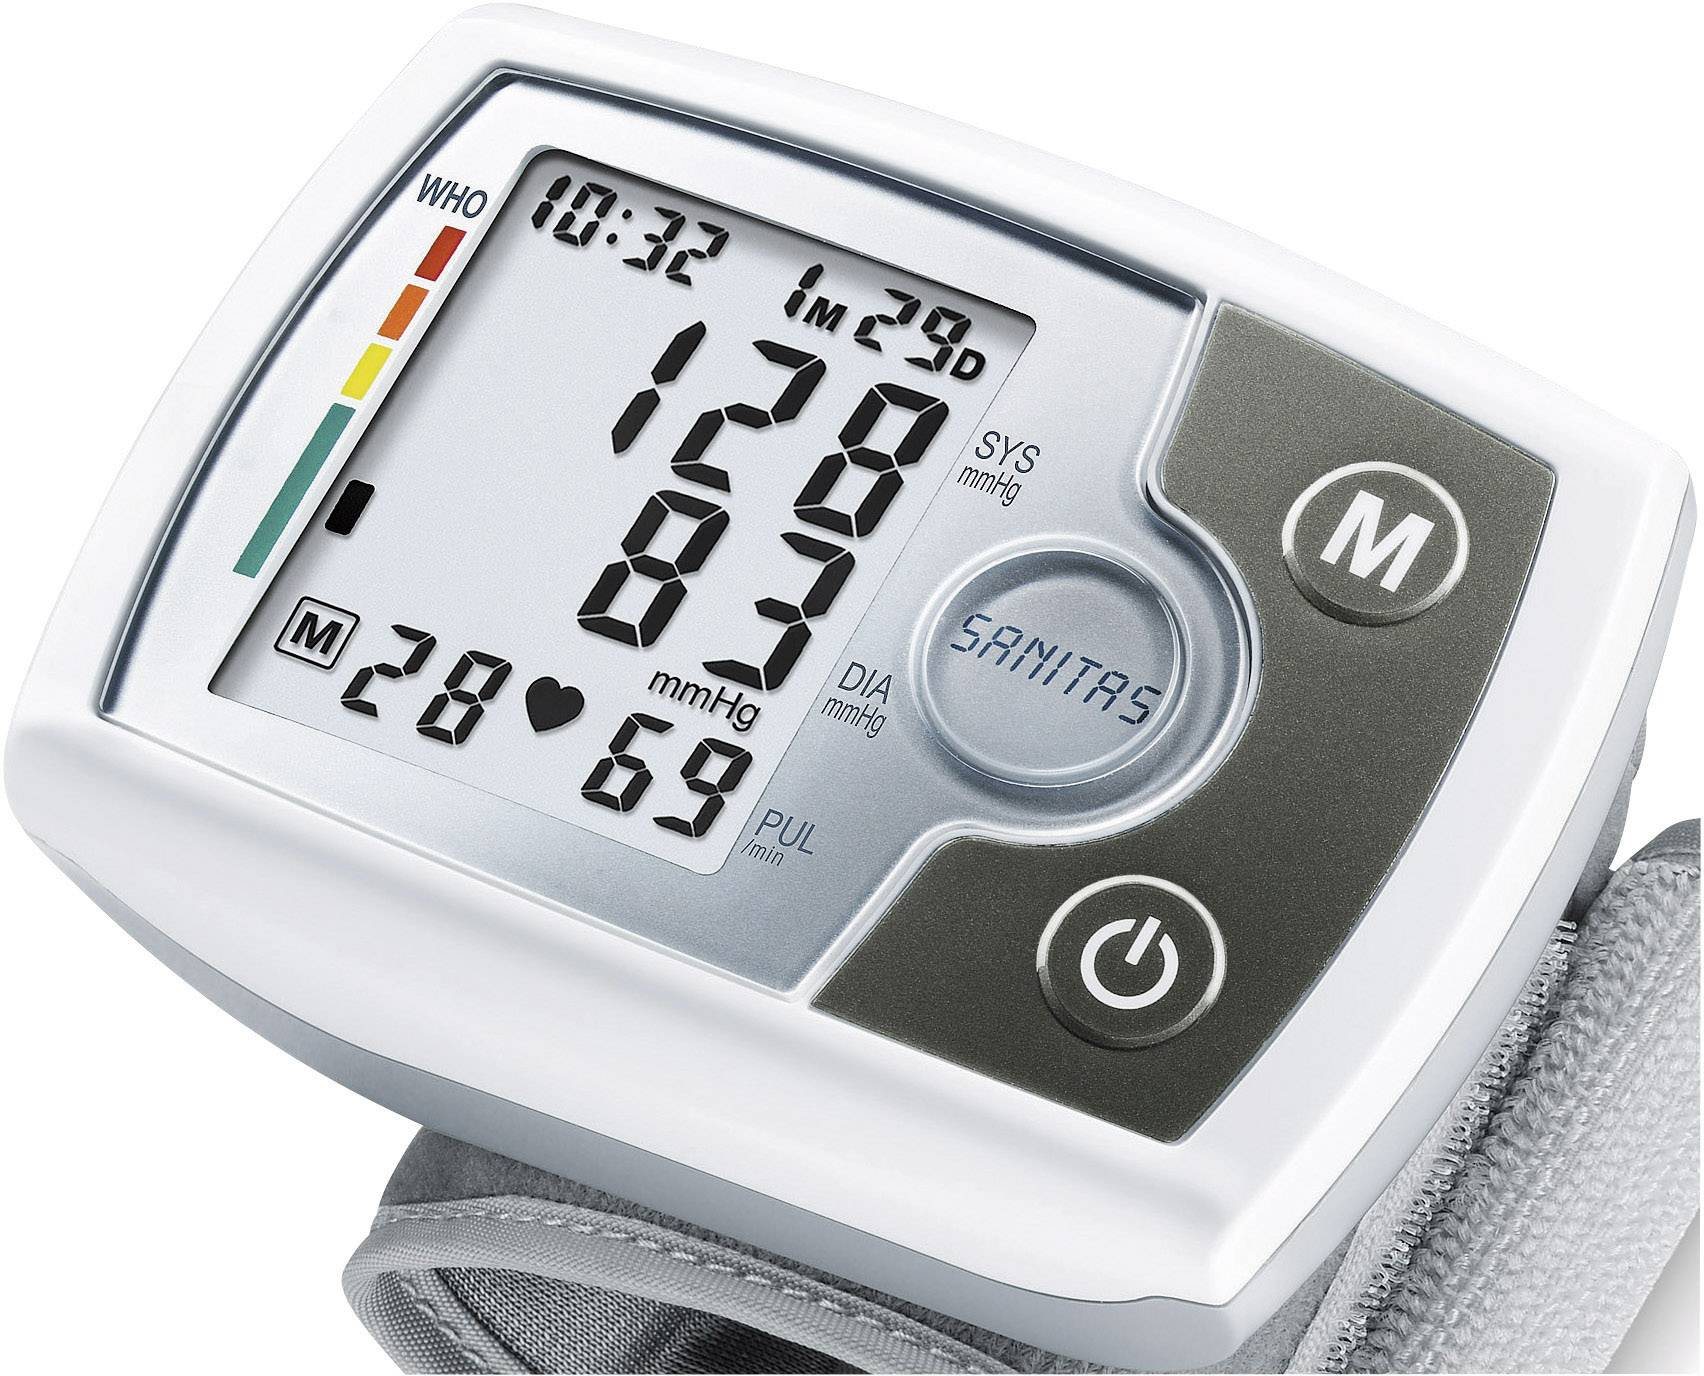 Zdravotnícky tlakomer na na zápästie Sanitas SBM03 651.21